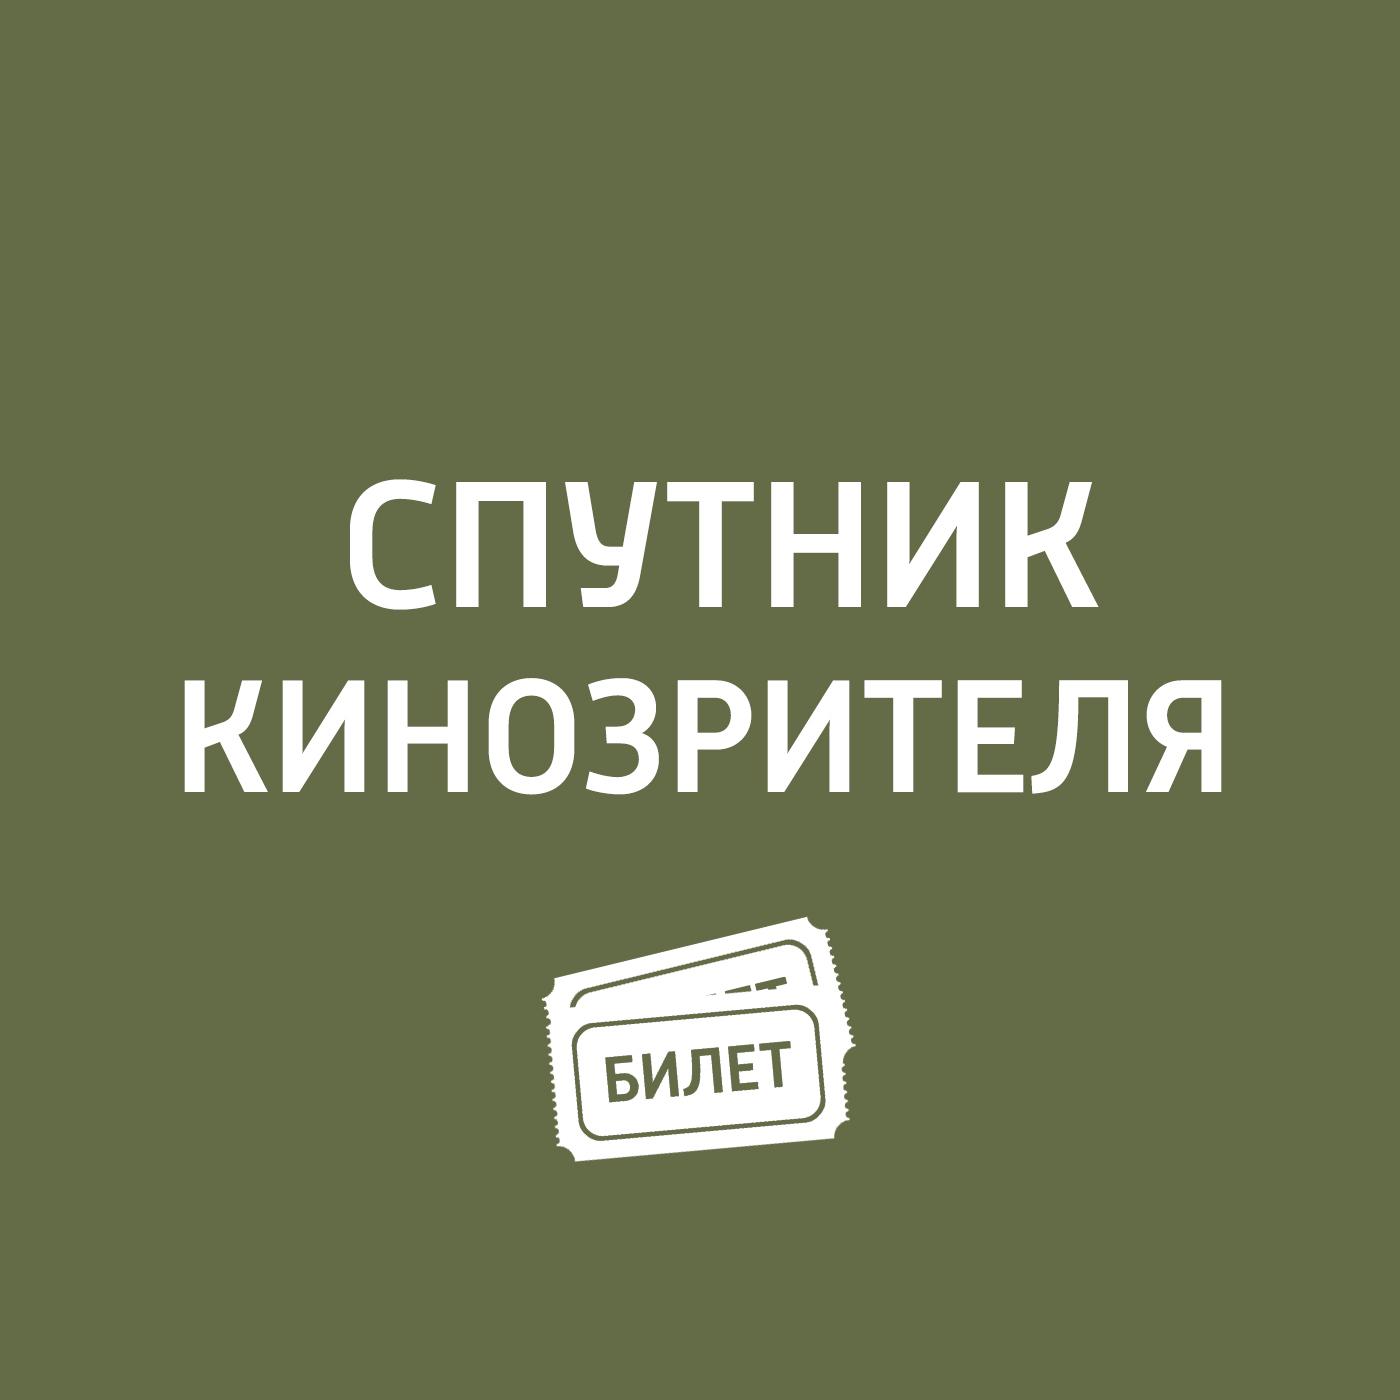 Антон Долин Грязная кампания за честные выборы, «Хранители снов отсутствует морская кампания 03 2015